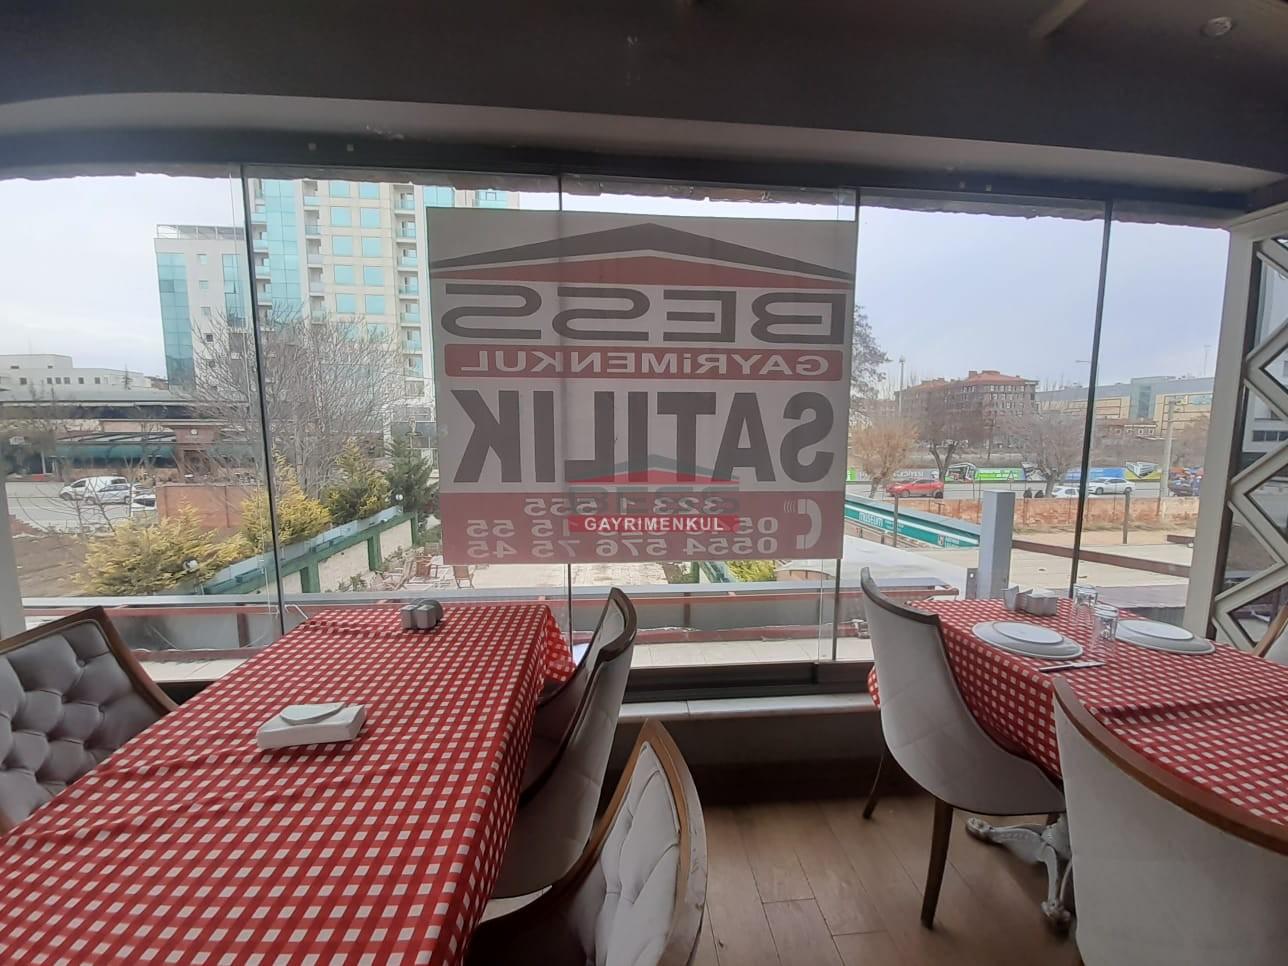 Bess   BESS GAYRİMENKUL'DEN HOŞNUDİYE MAHALLESİNDE SATILIK İŞYERİ